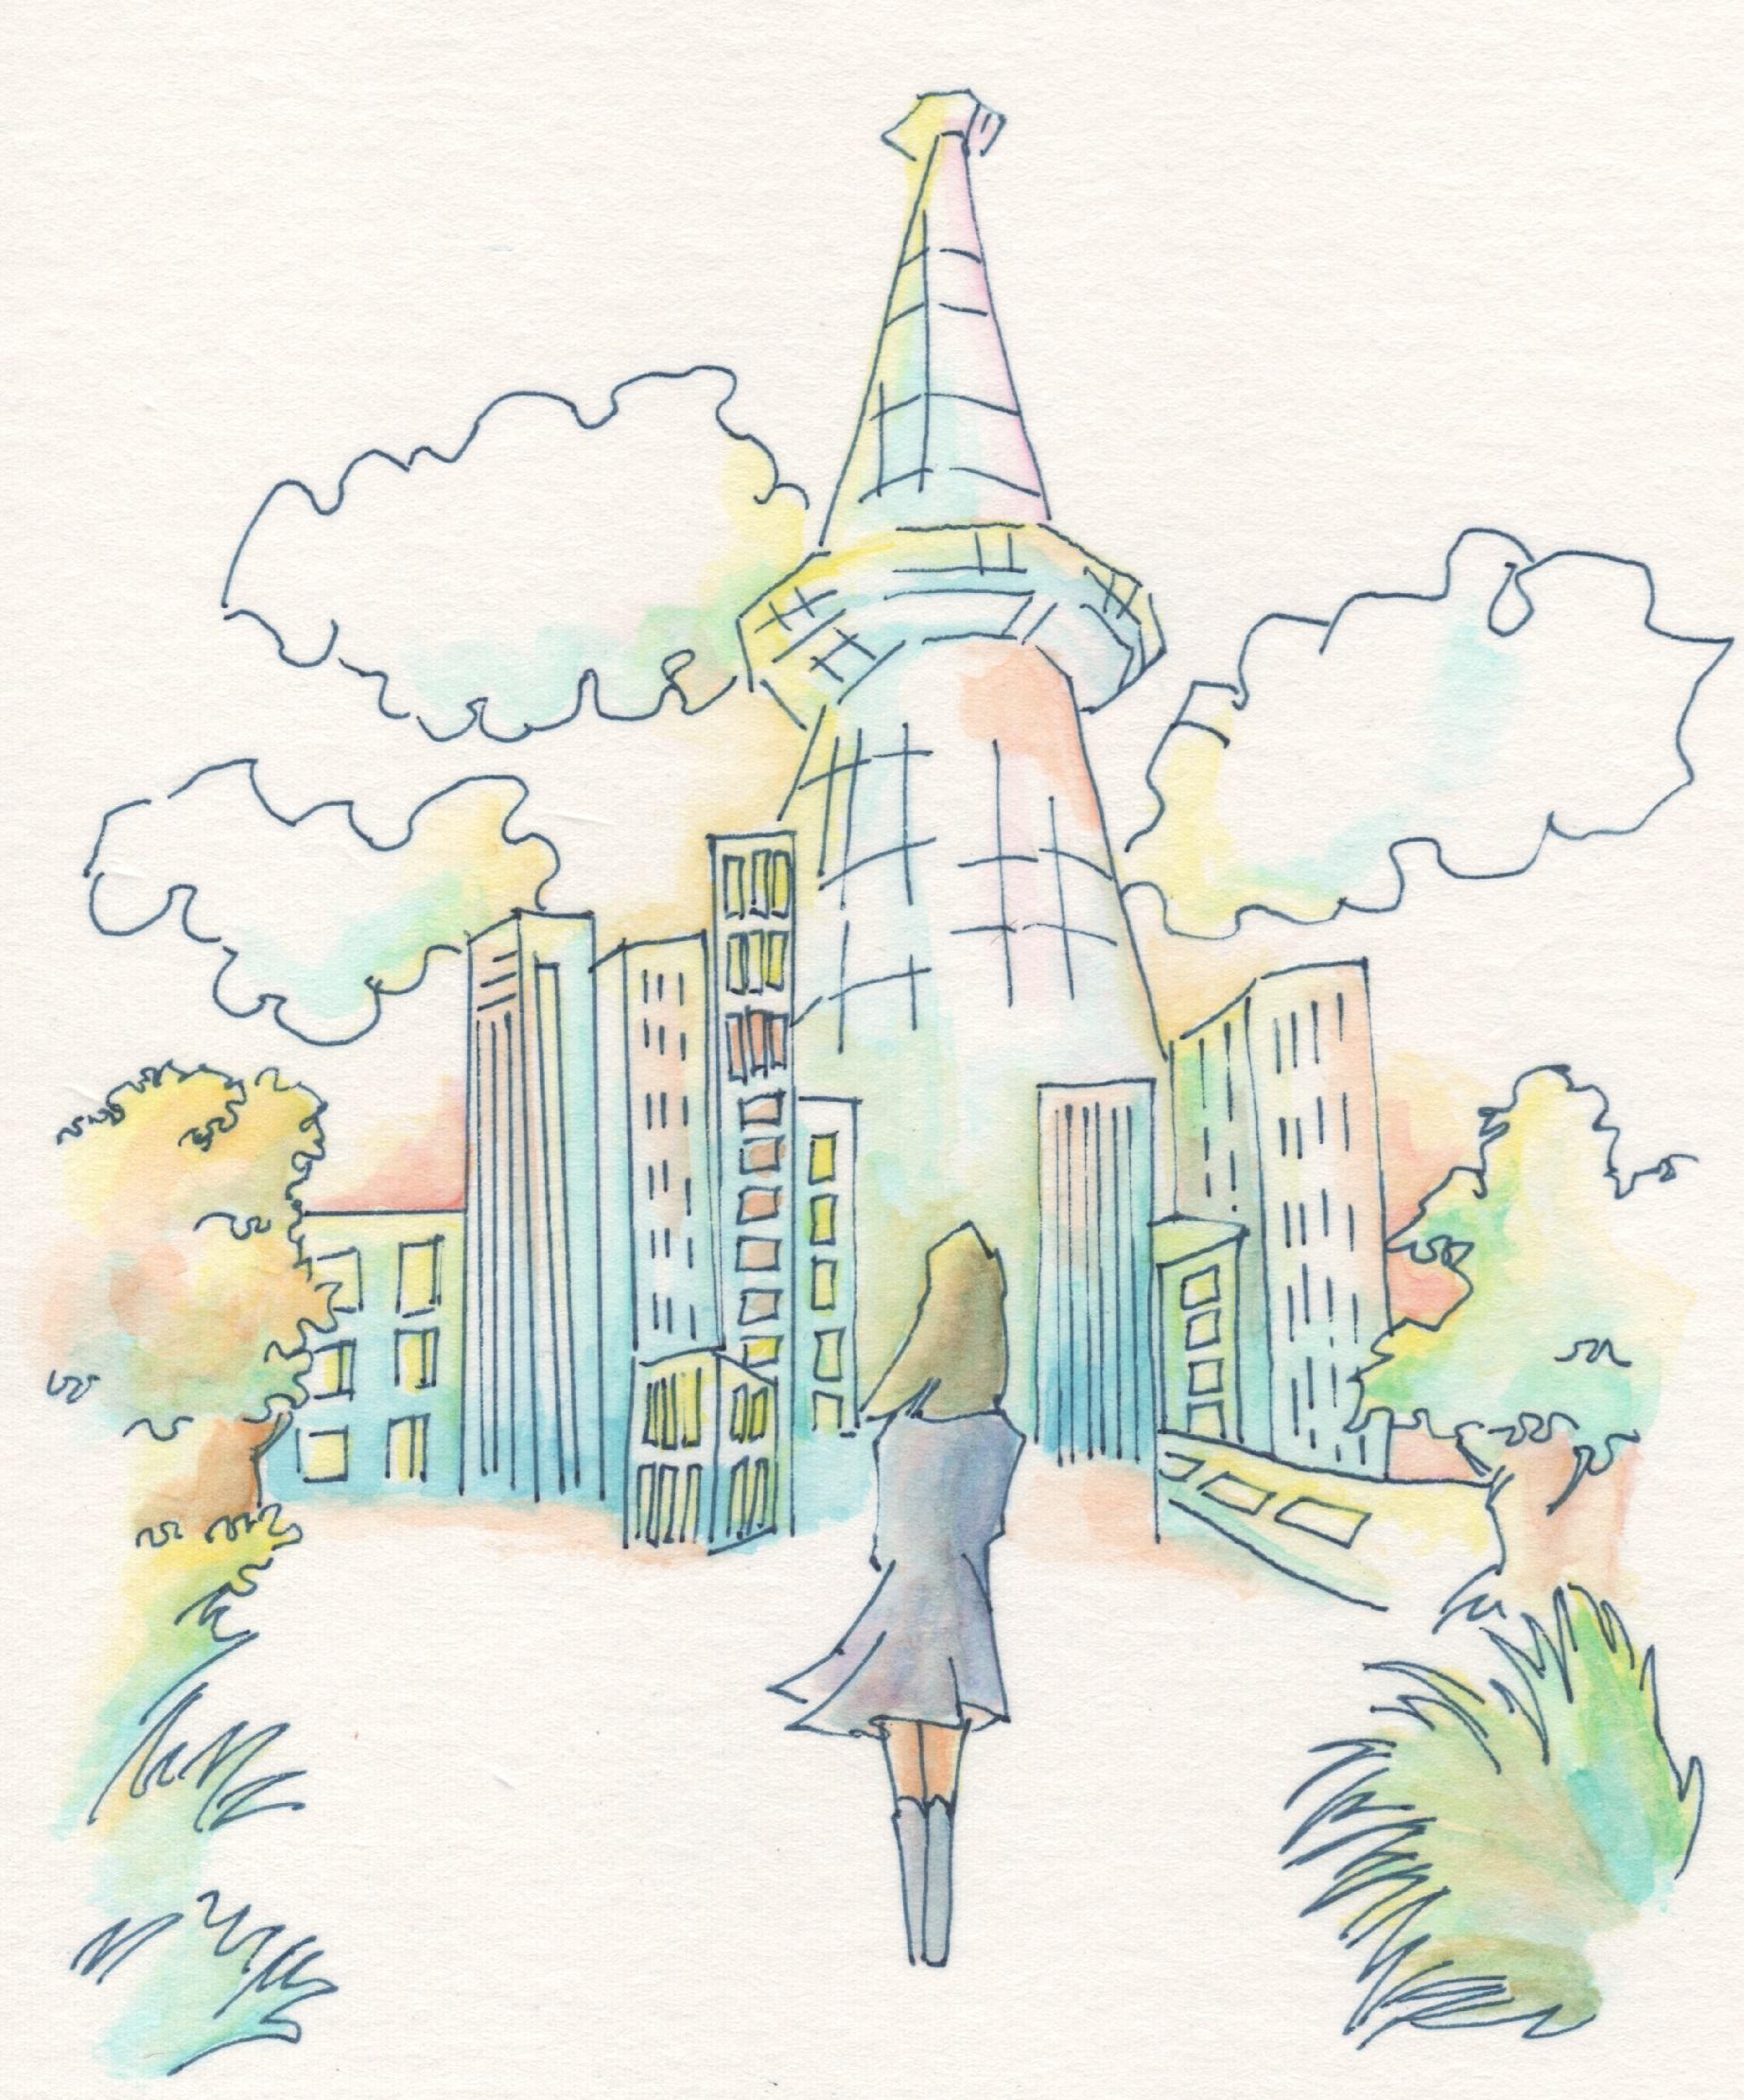 タワーと少女